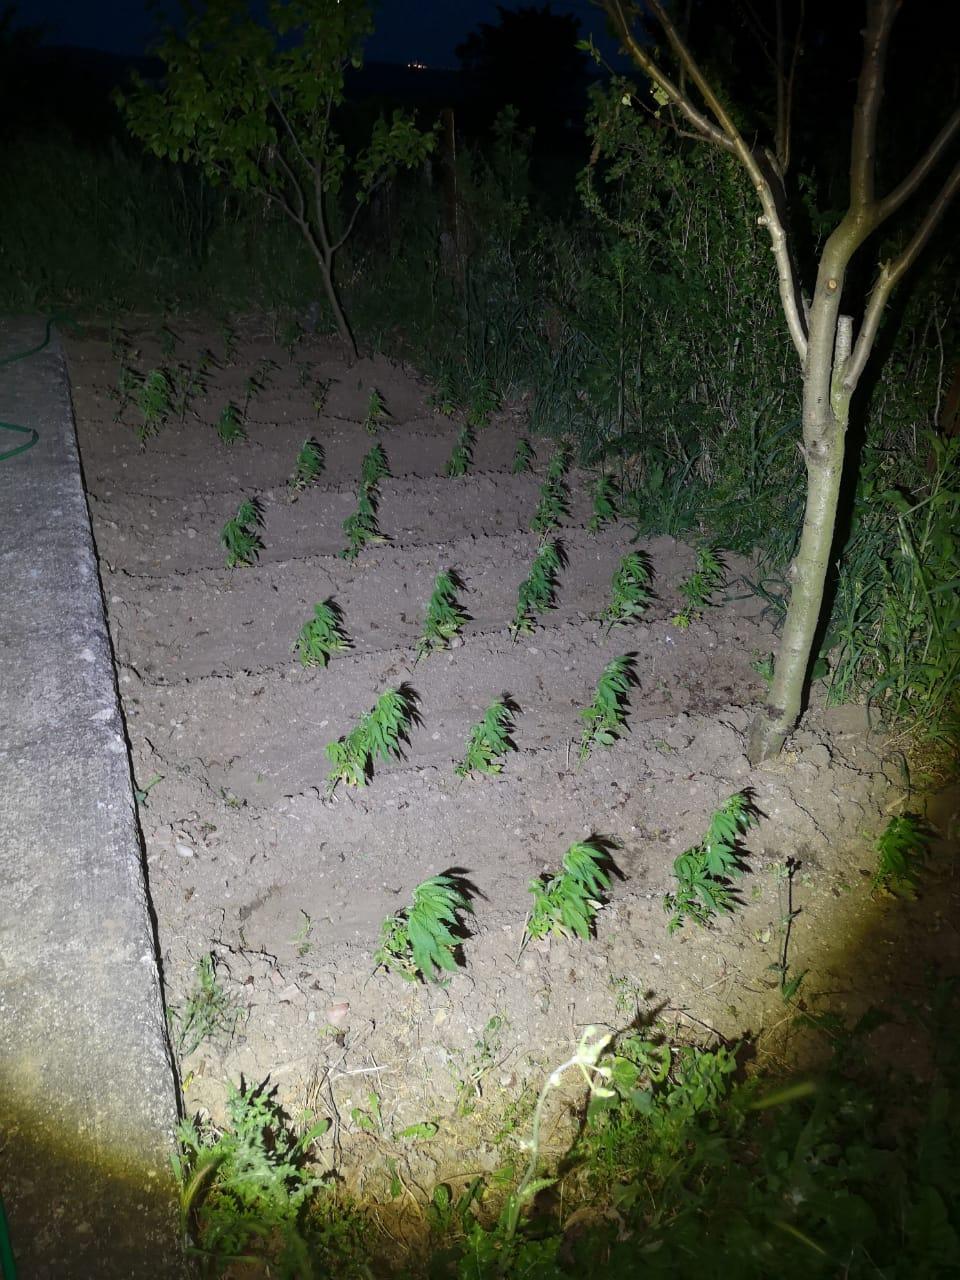 Έστησαν καλλιέργεια κάνναβης σε ειδικά διαμορφωμένο χώρο